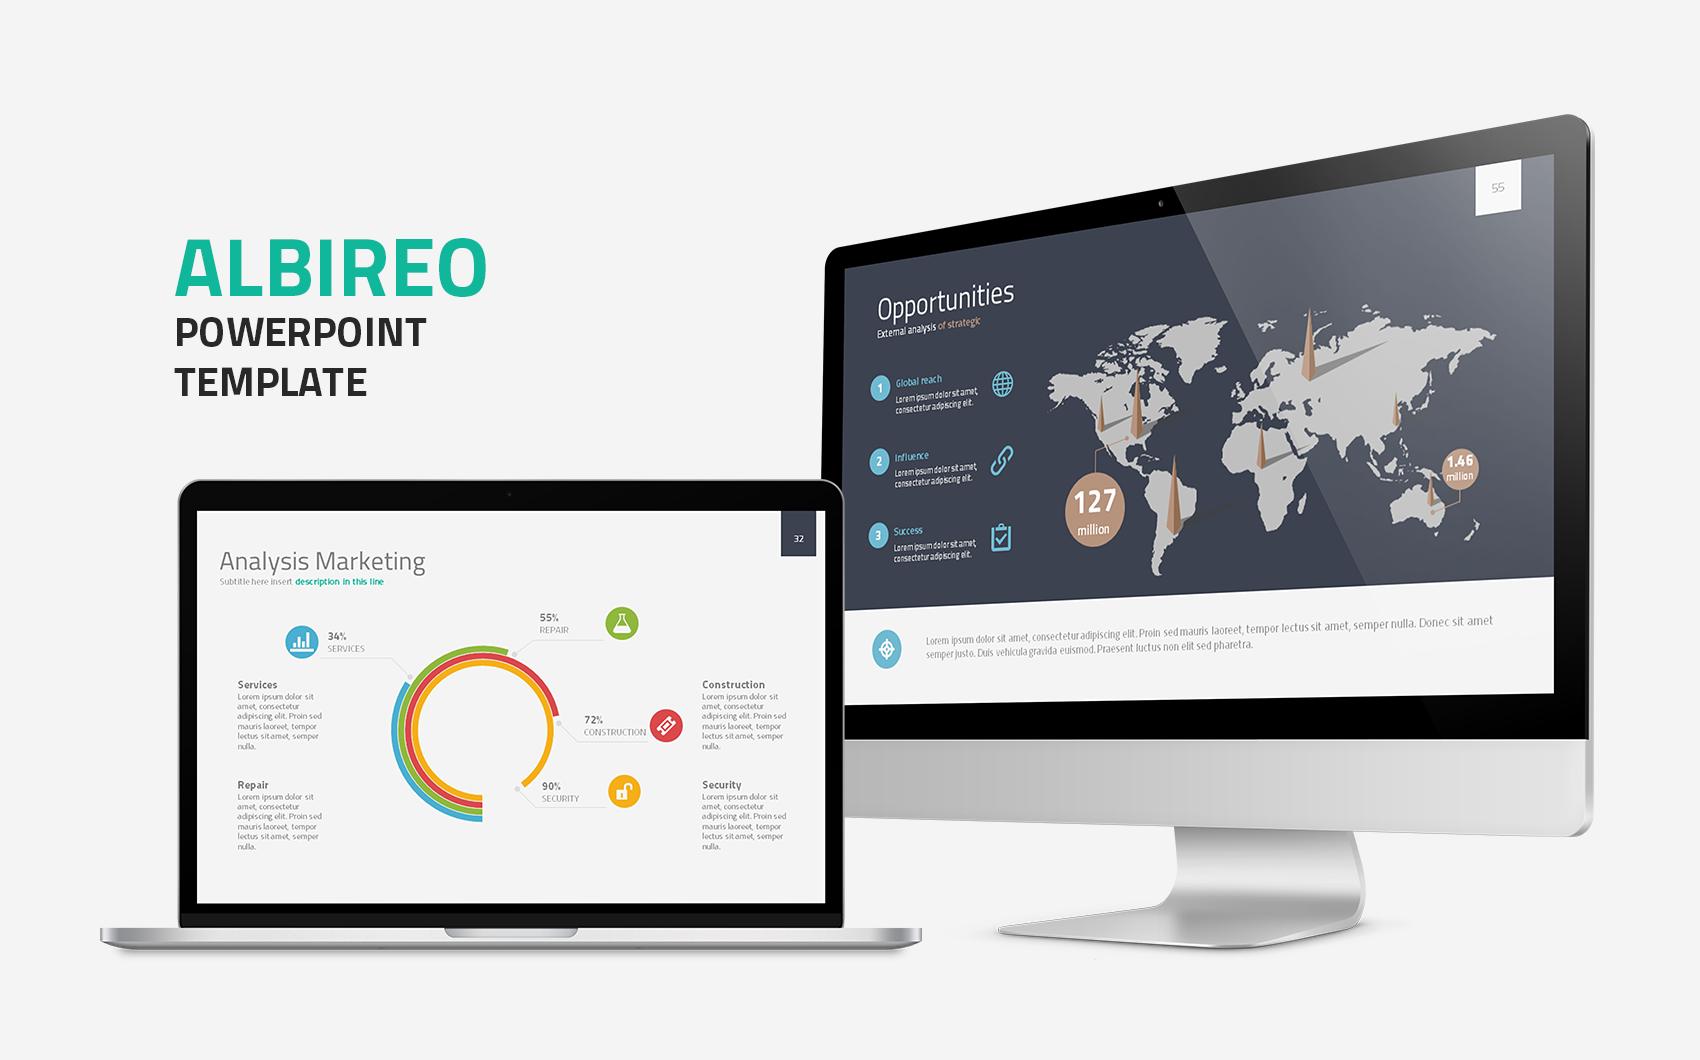 Albireo Powerpoint Template PowerPoint sablon 64470